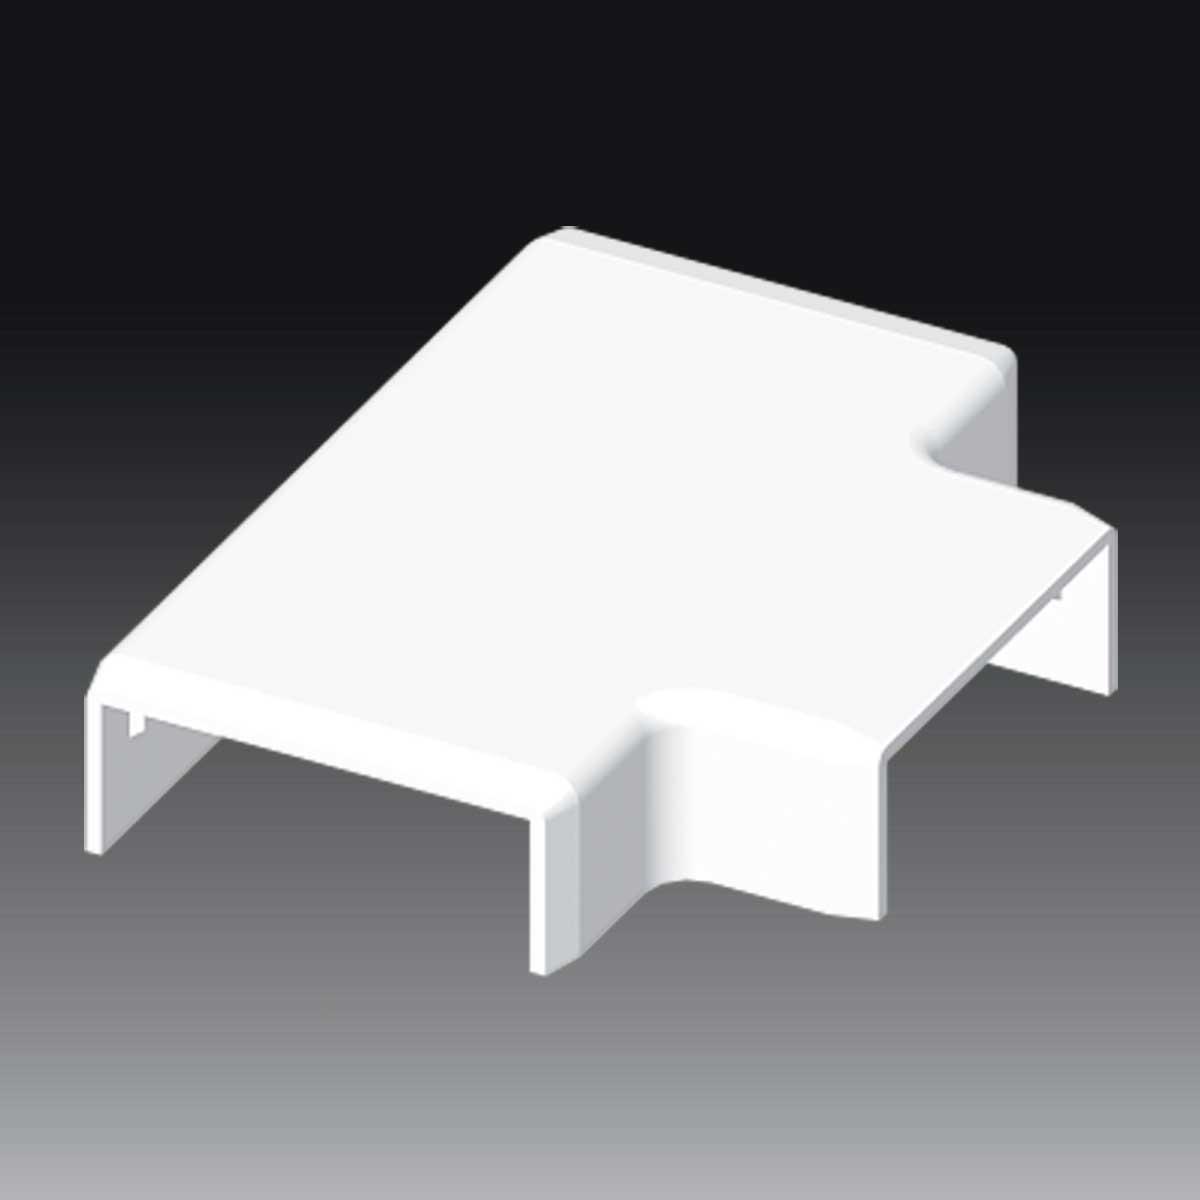 Трійник до LV 40х15 білого кольору; Серія LV; ПВХ